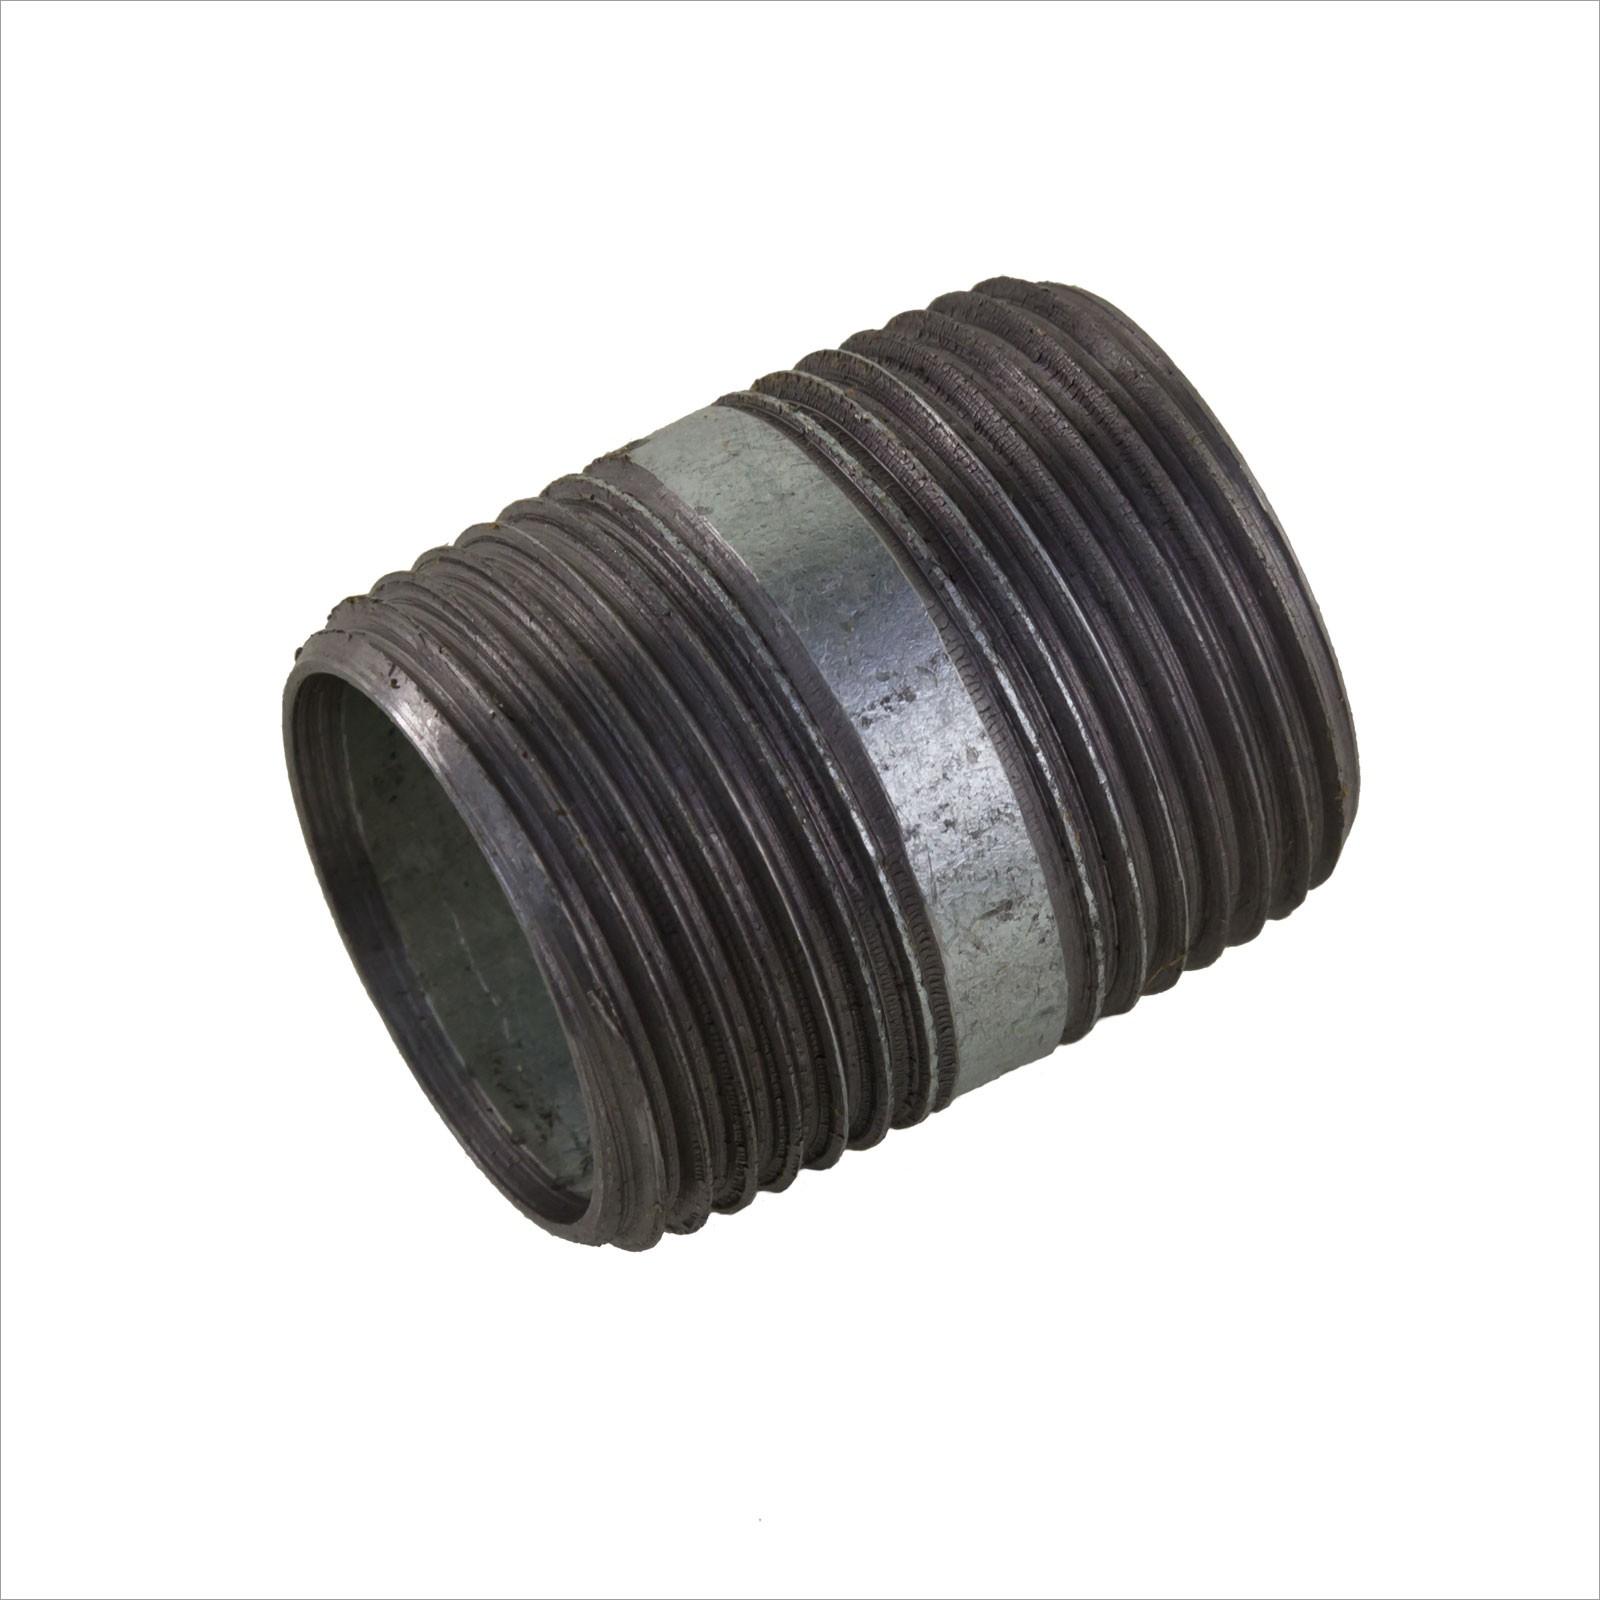 Rohrdoppelnippel 1/2 Zoll 21,3 x 60 mm DN15 Rohrnippel ...